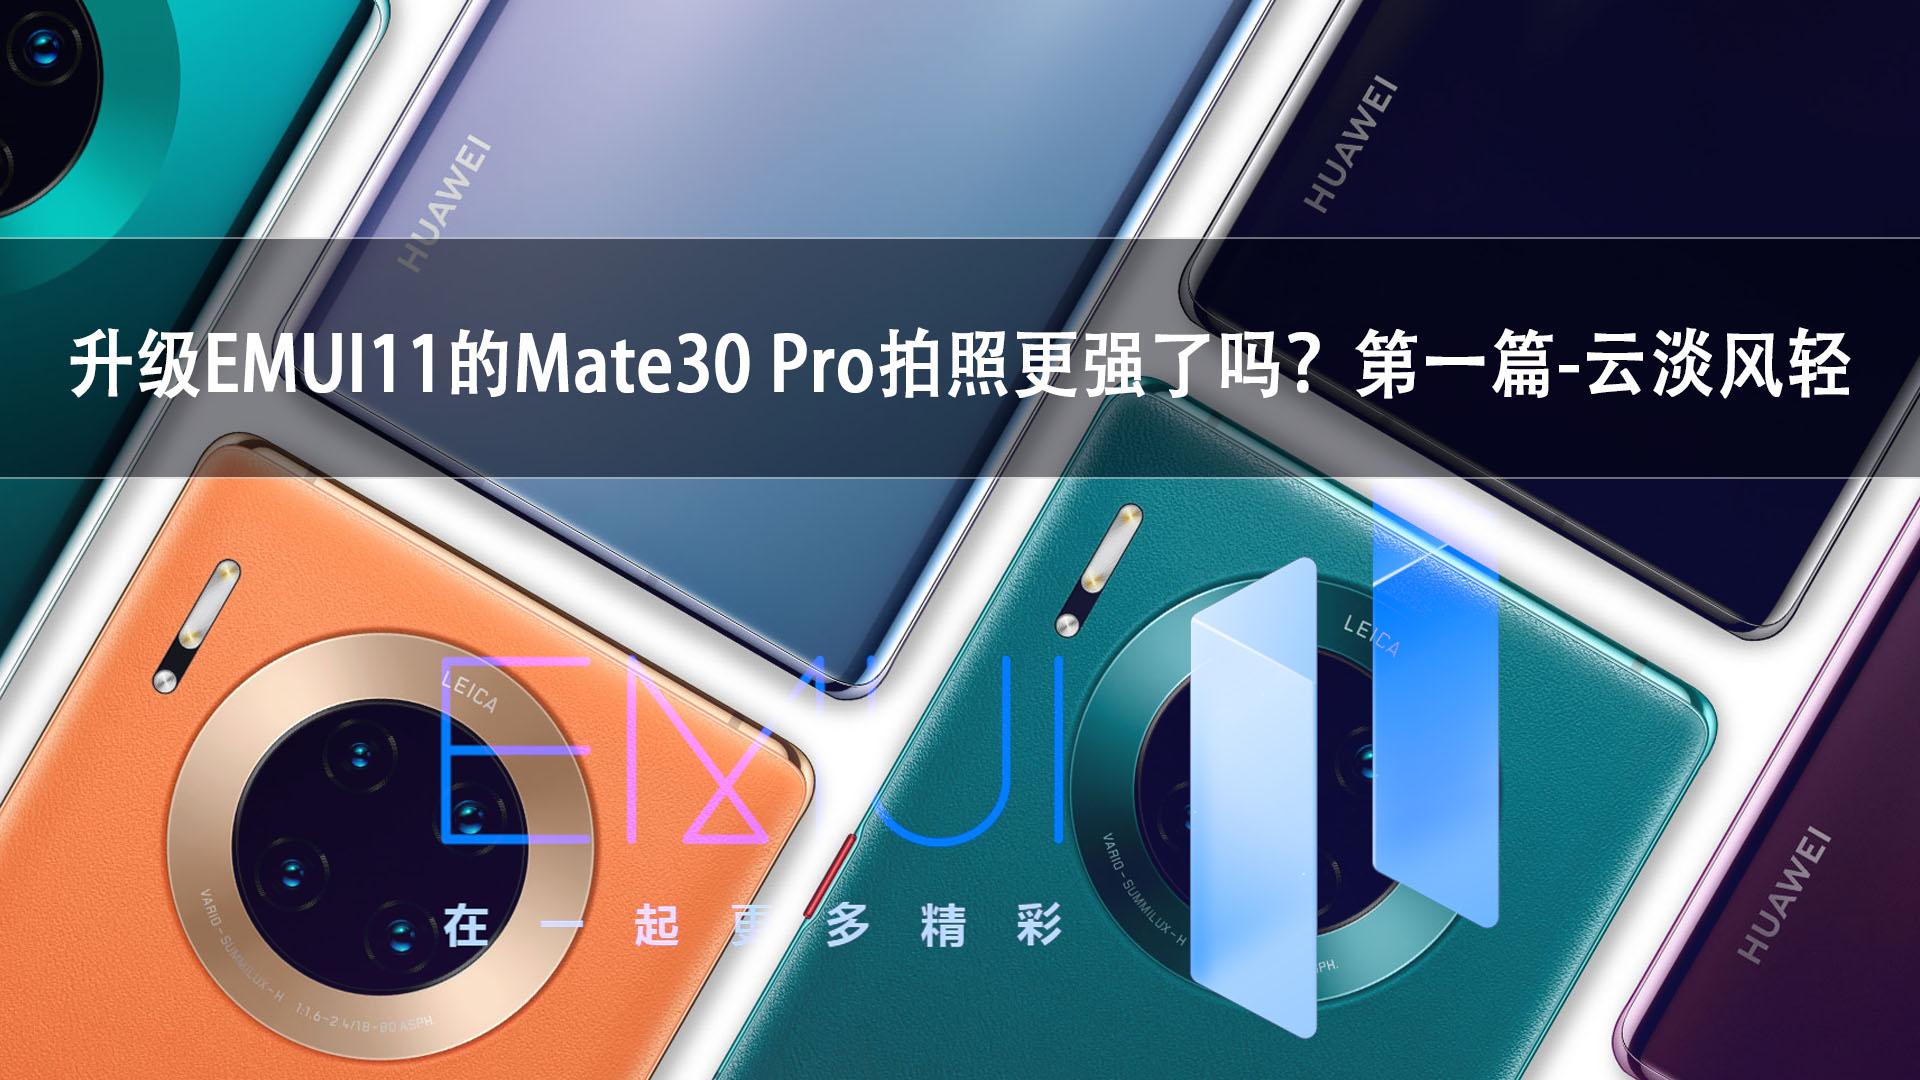 升级EMUI11的Mate30 Pro拍照更强了吗?第一篇-云淡风轻,华为Mate30系列-花粉俱乐部